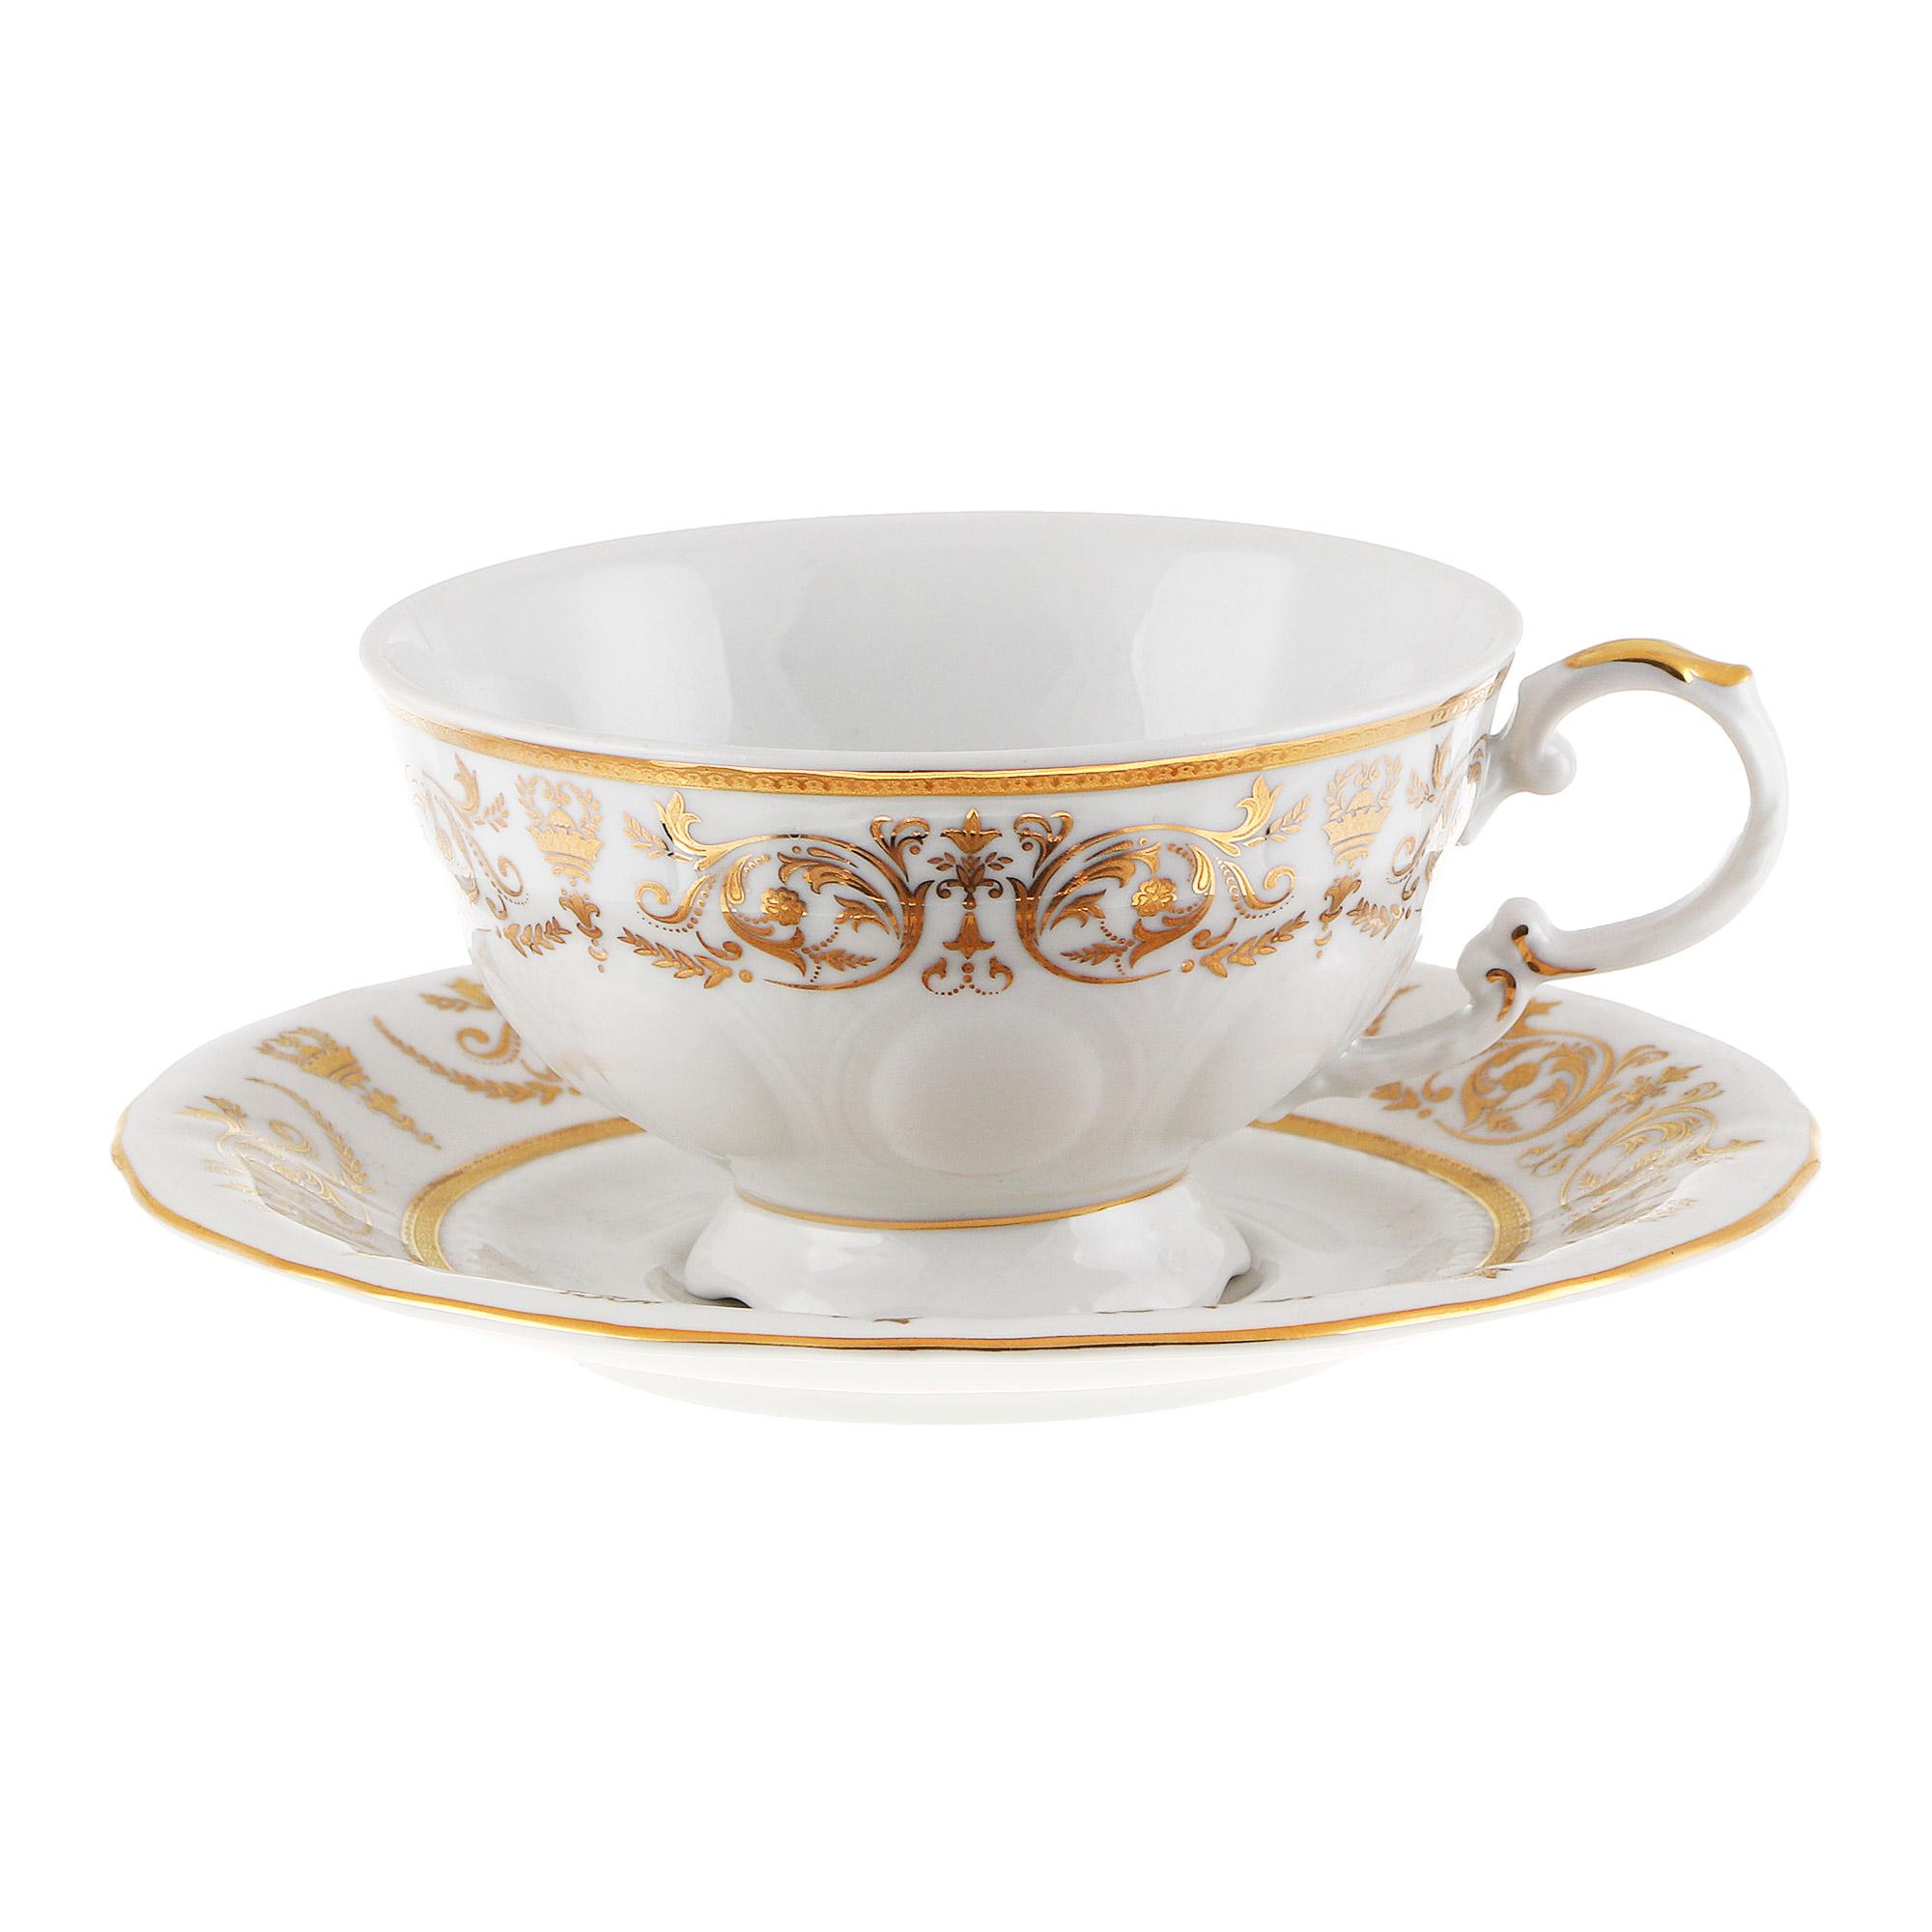 Набор чайных пар Leander 200 мл 6 шт набор чайных пар 200 мл 6 шт bernadotte набор чайных пар 200 мл 6 шт